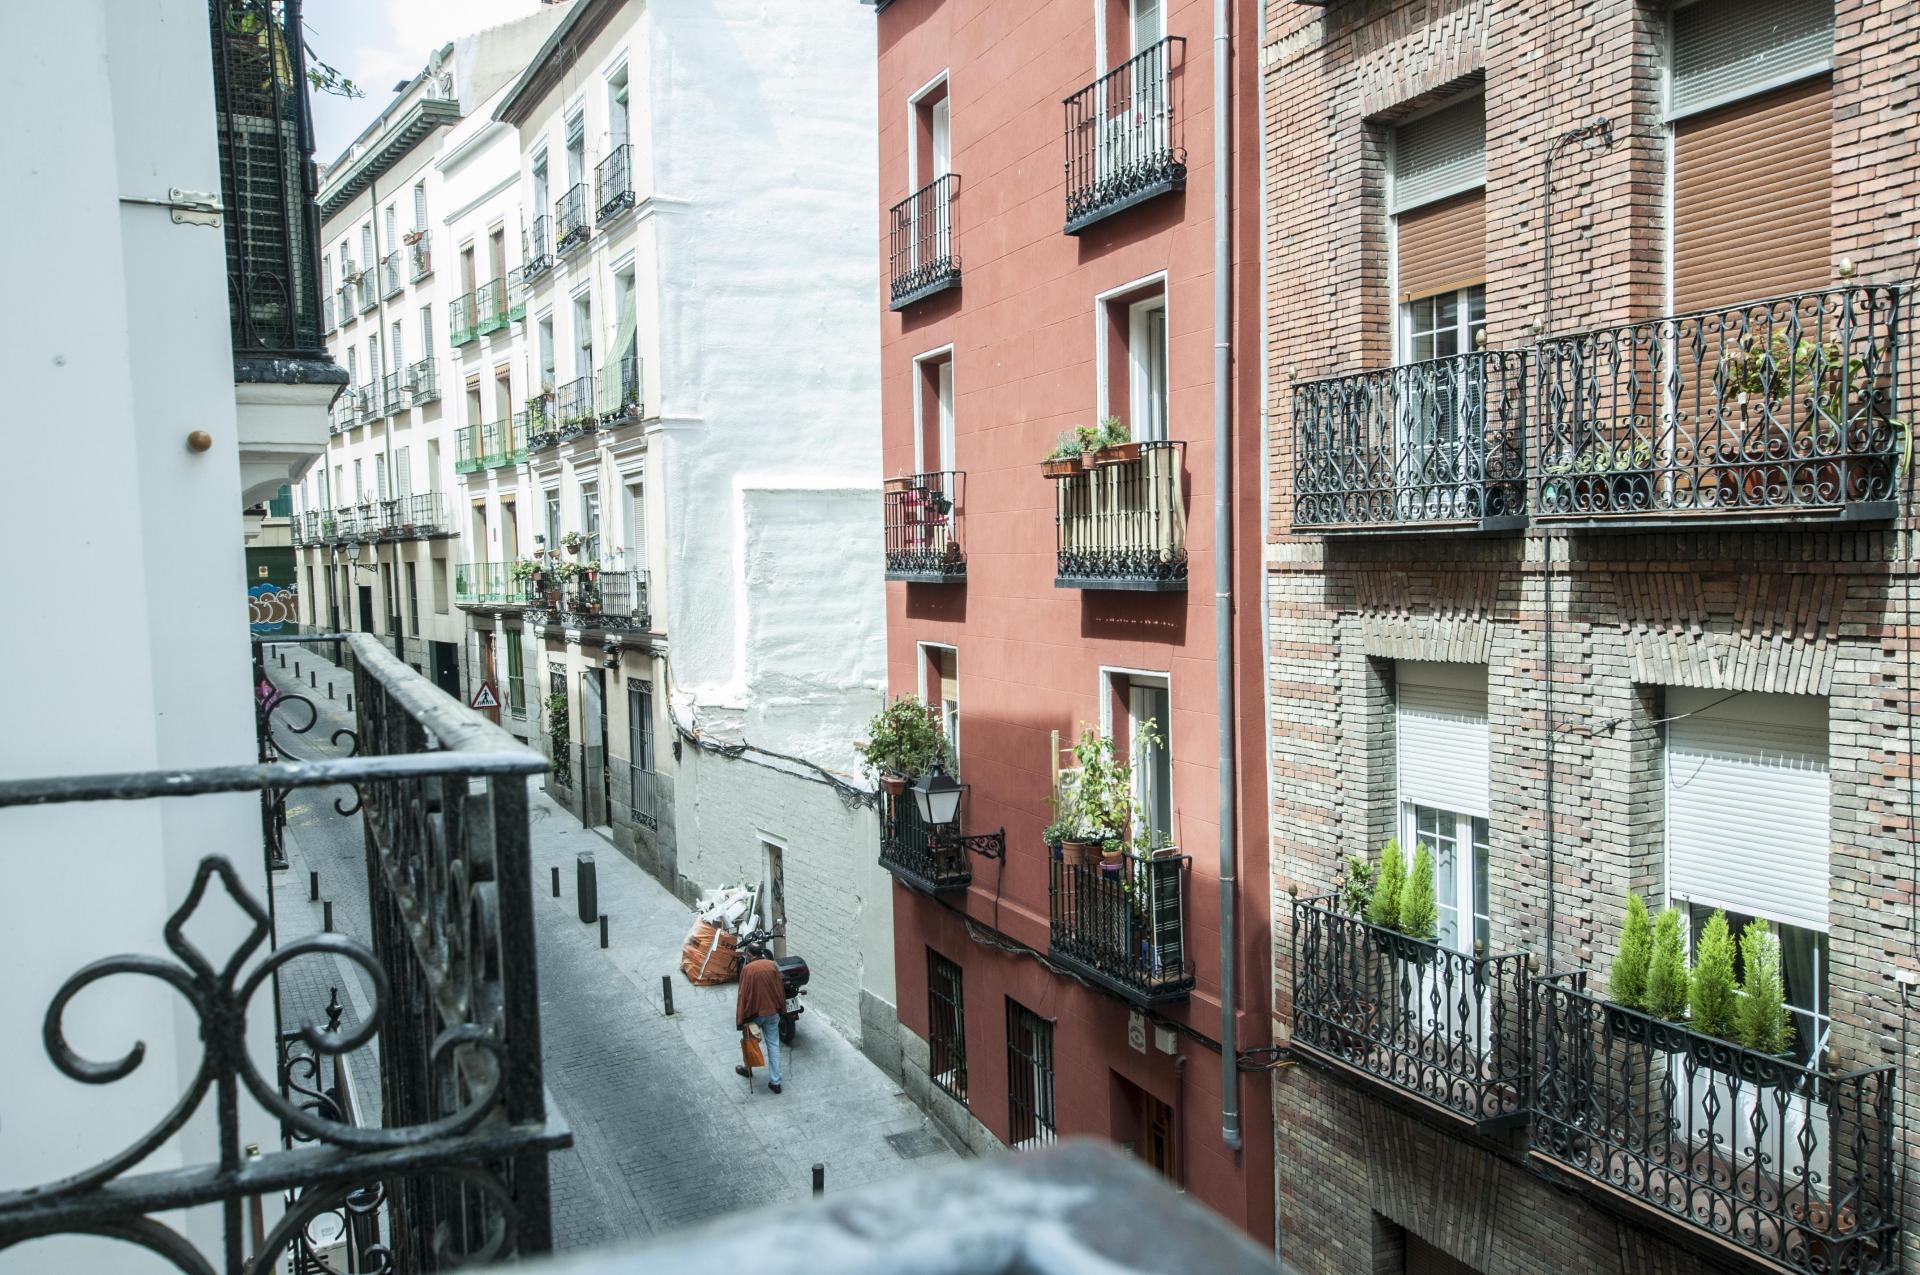 Gobernador - Precioso estudio en Madrid